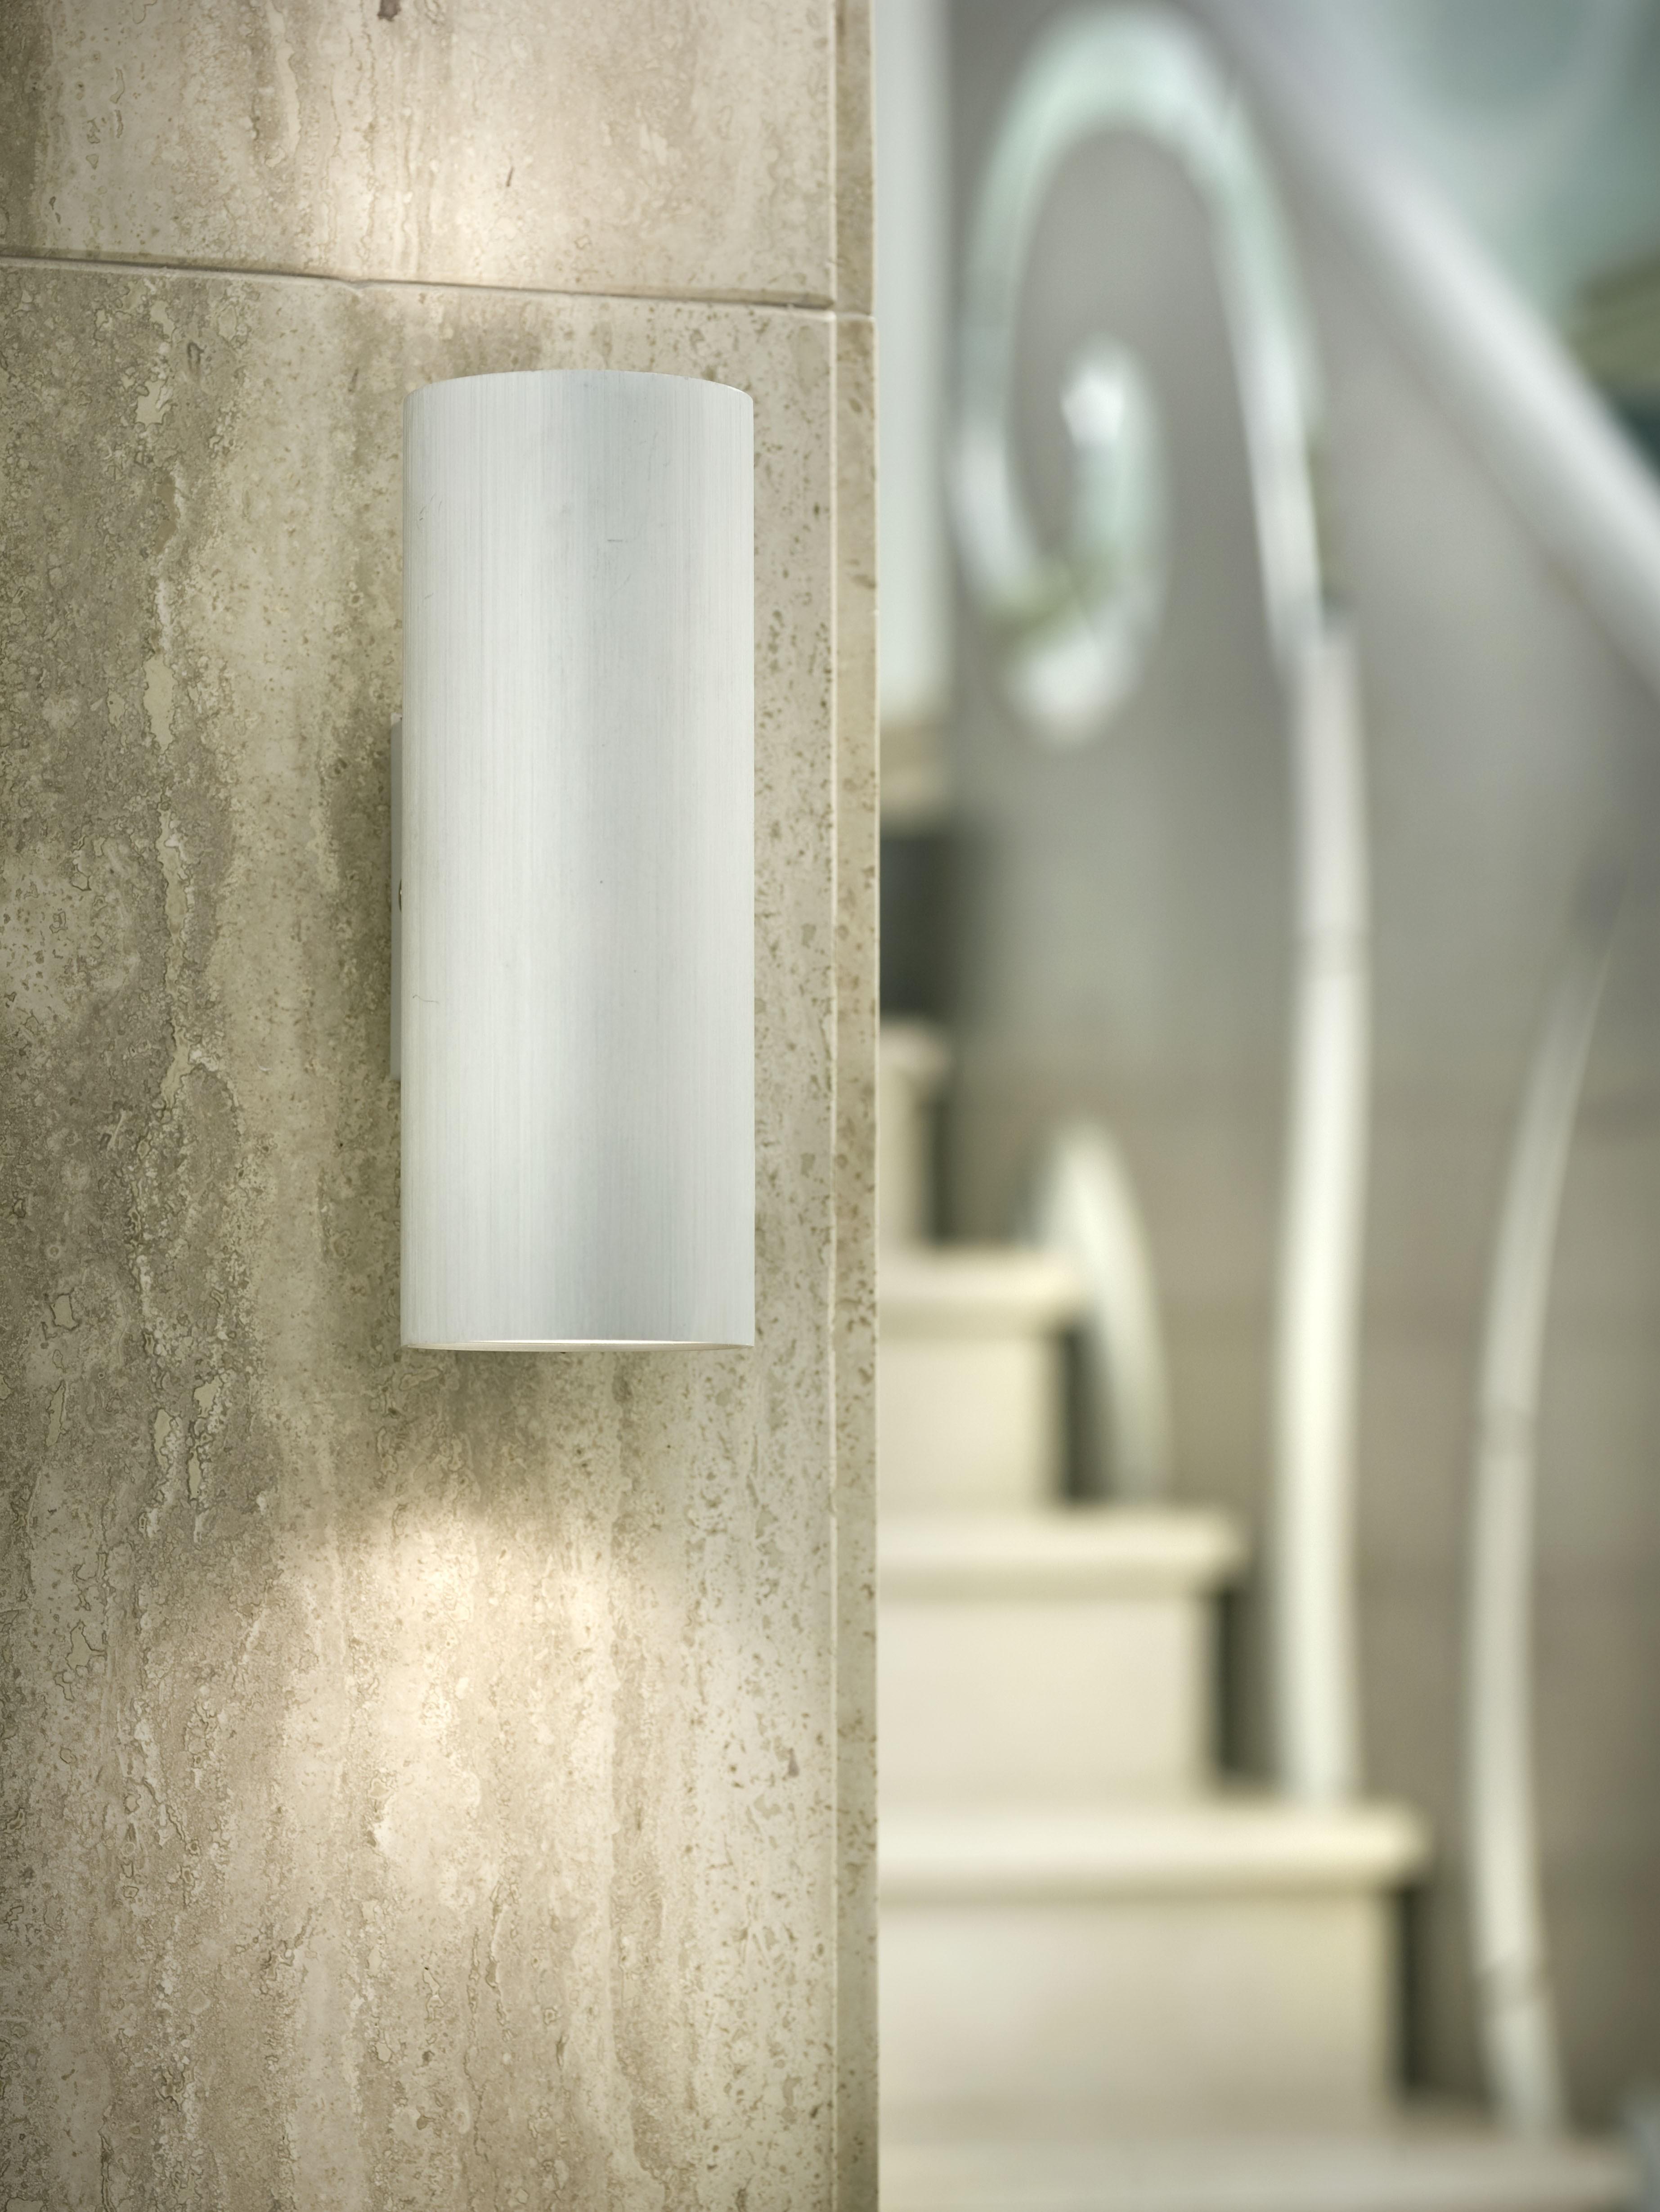 EGLO 87327 ONO nástěnné svítidlo nejen do pracovny